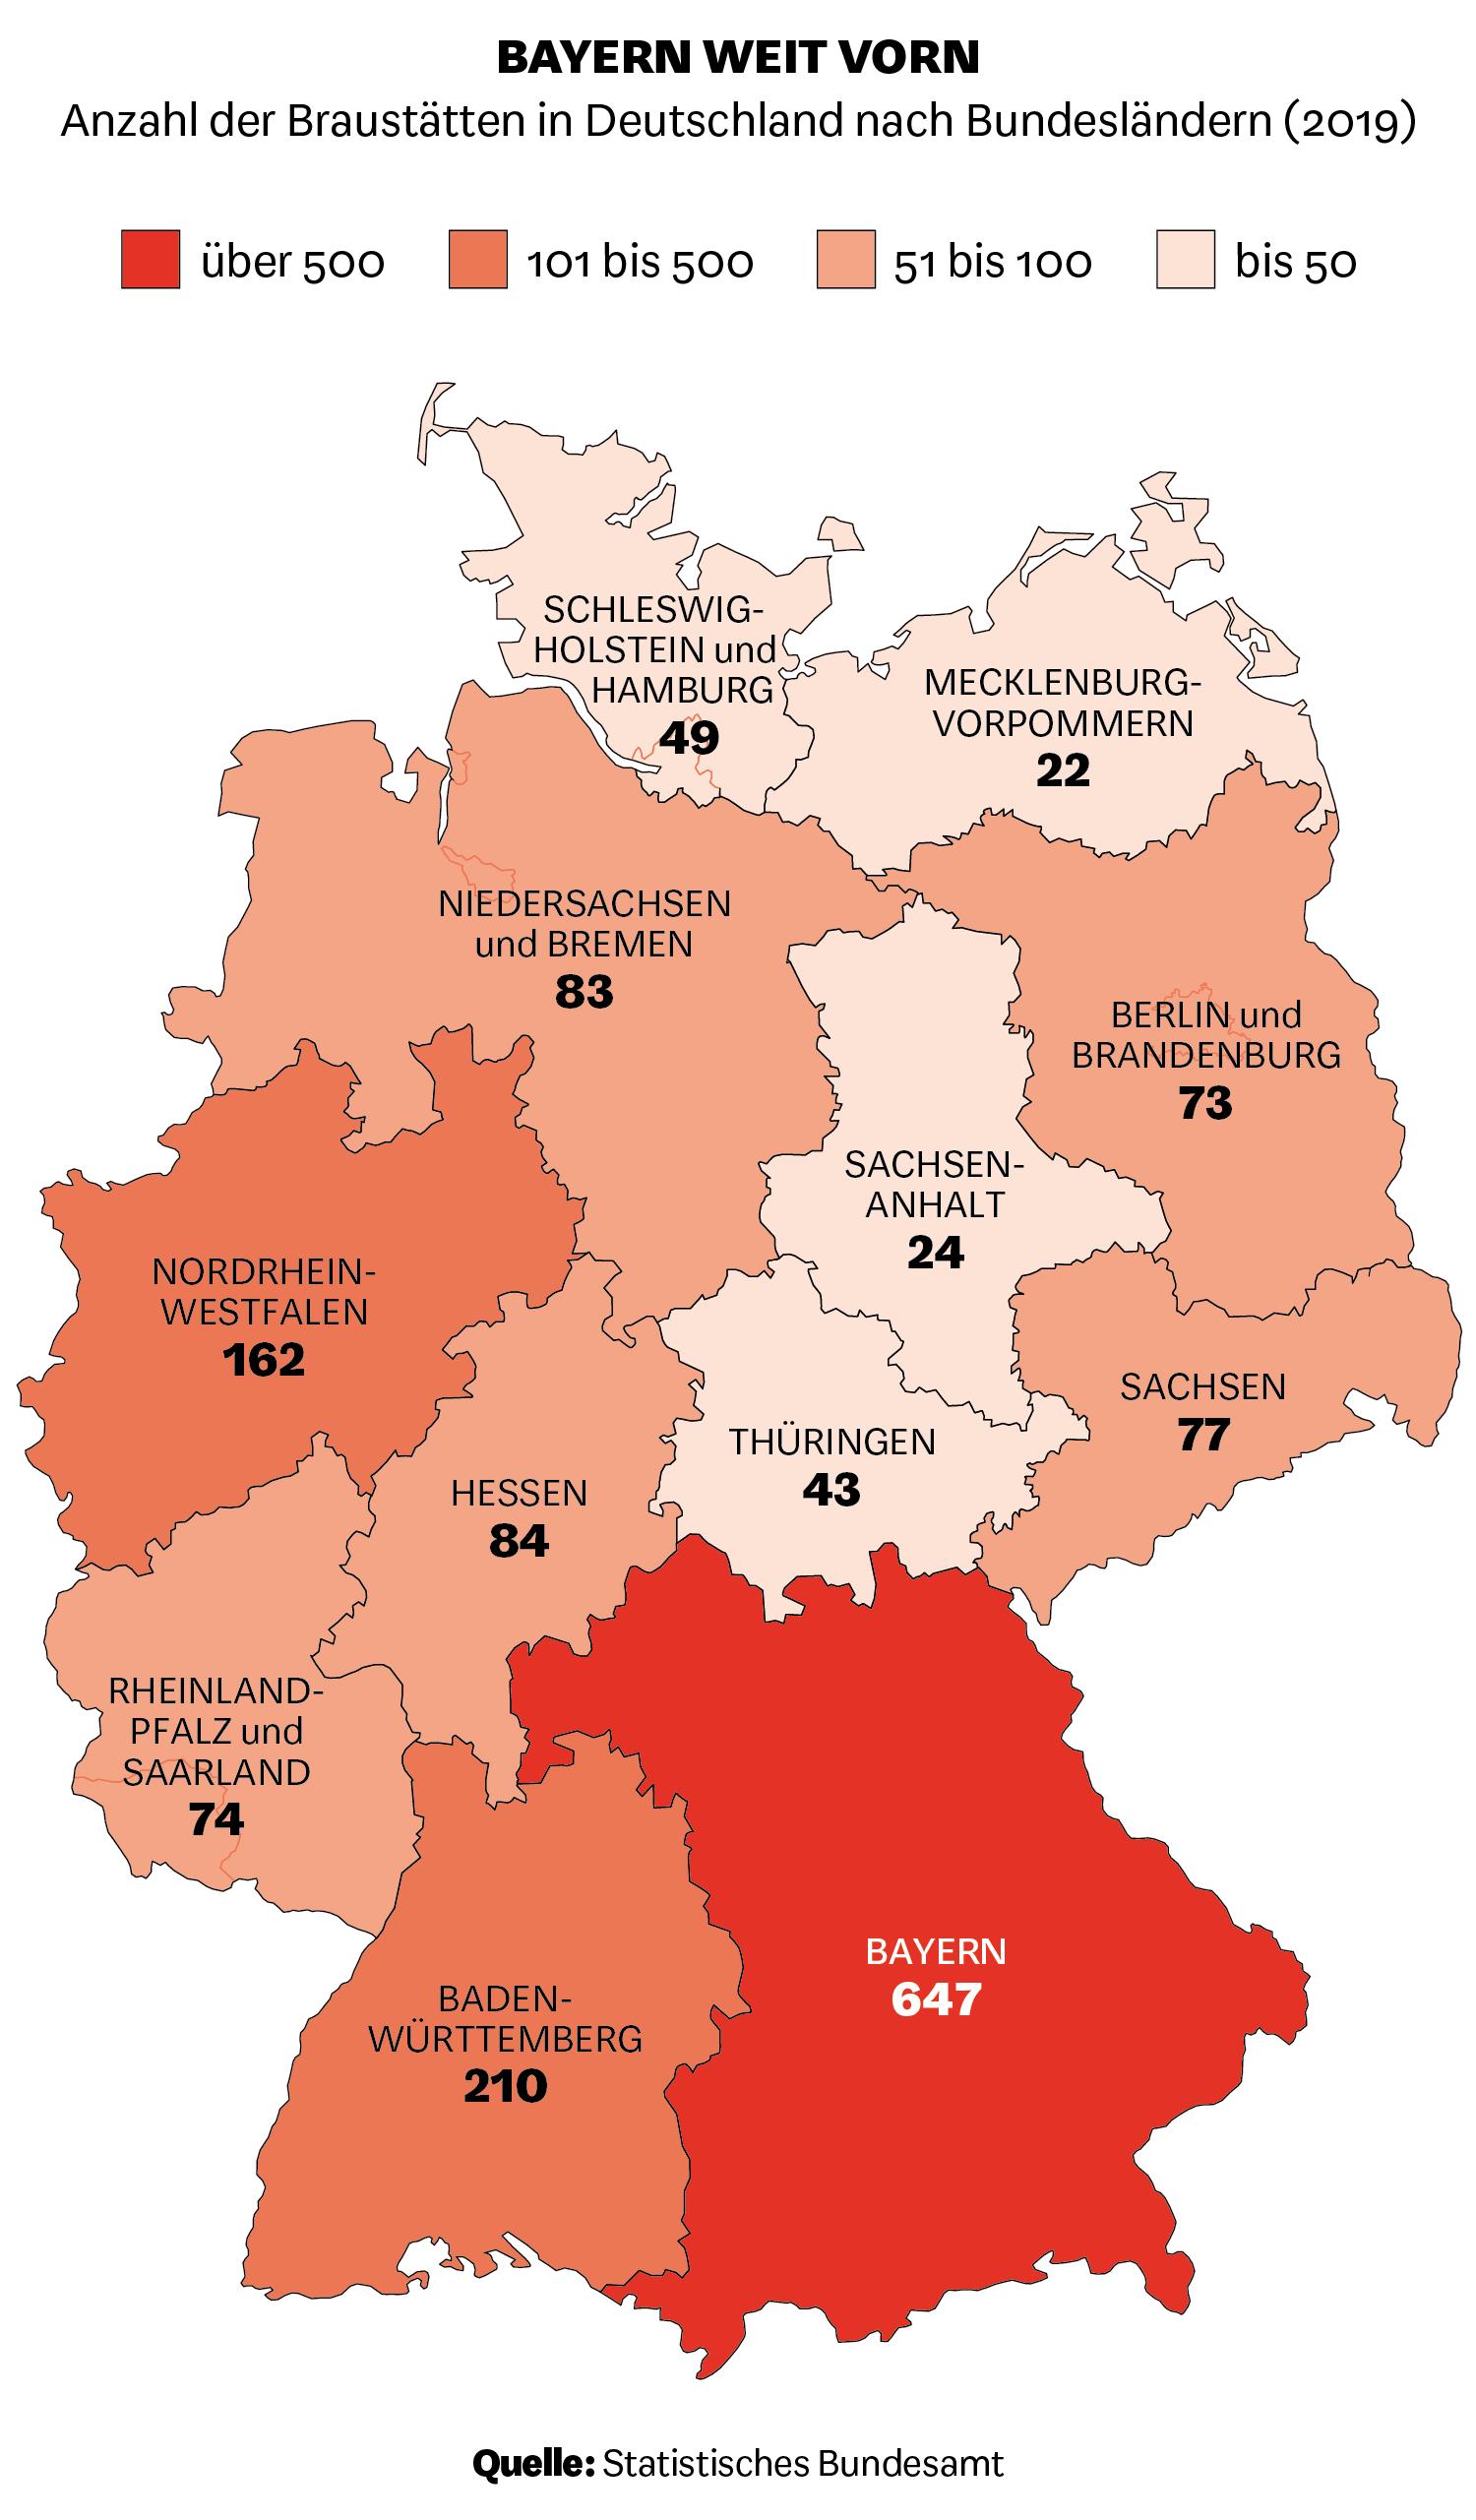 Anzahl der Braustätten in Deutschland nach Bundesländern